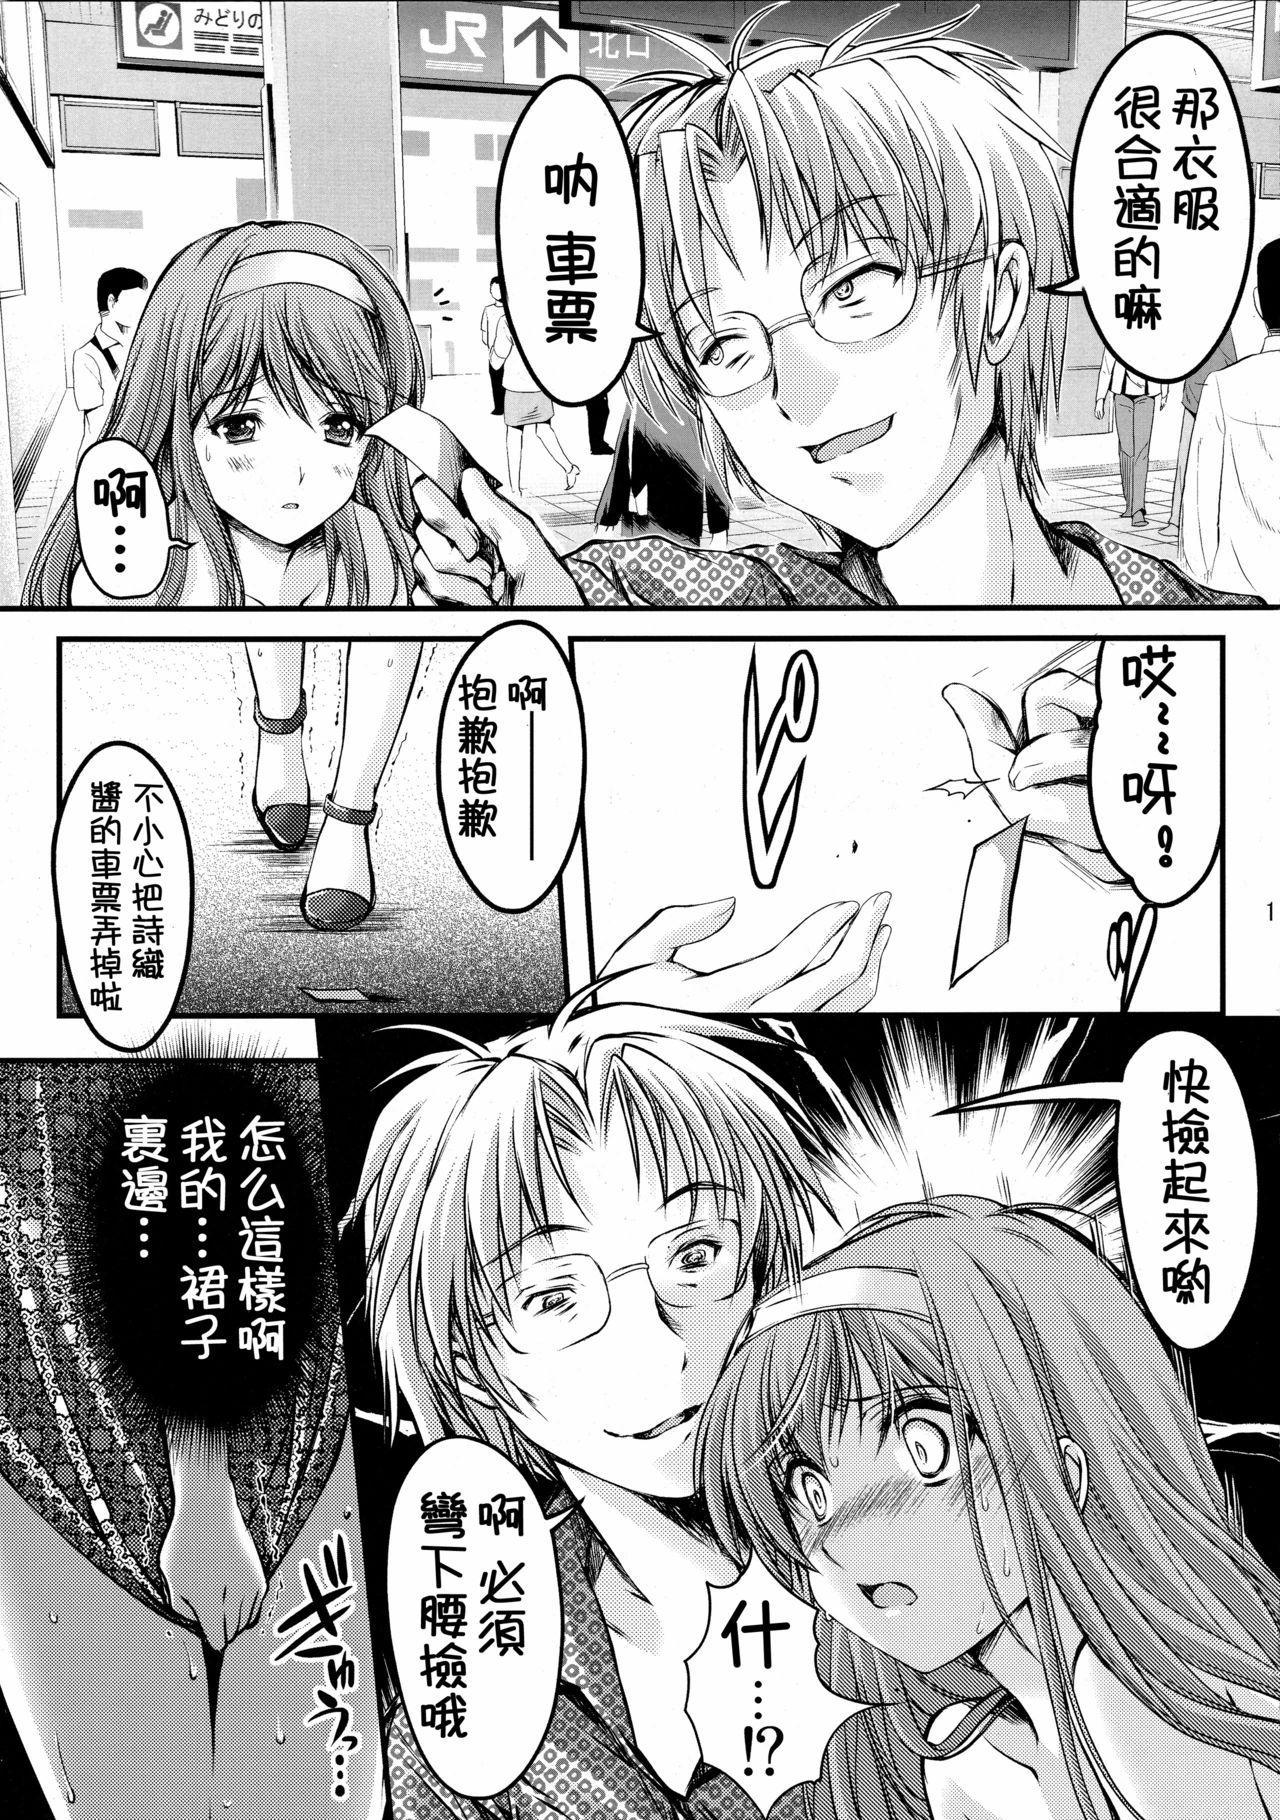 [HIGH RISK REVOLUTION (Aizawa Hiroshi)] Shiori Dai-San-Shou Yami no Kokuin Joukan - Shinsouban (Tokimeki Memorial) [Chinese] [祈花漢化組] 15